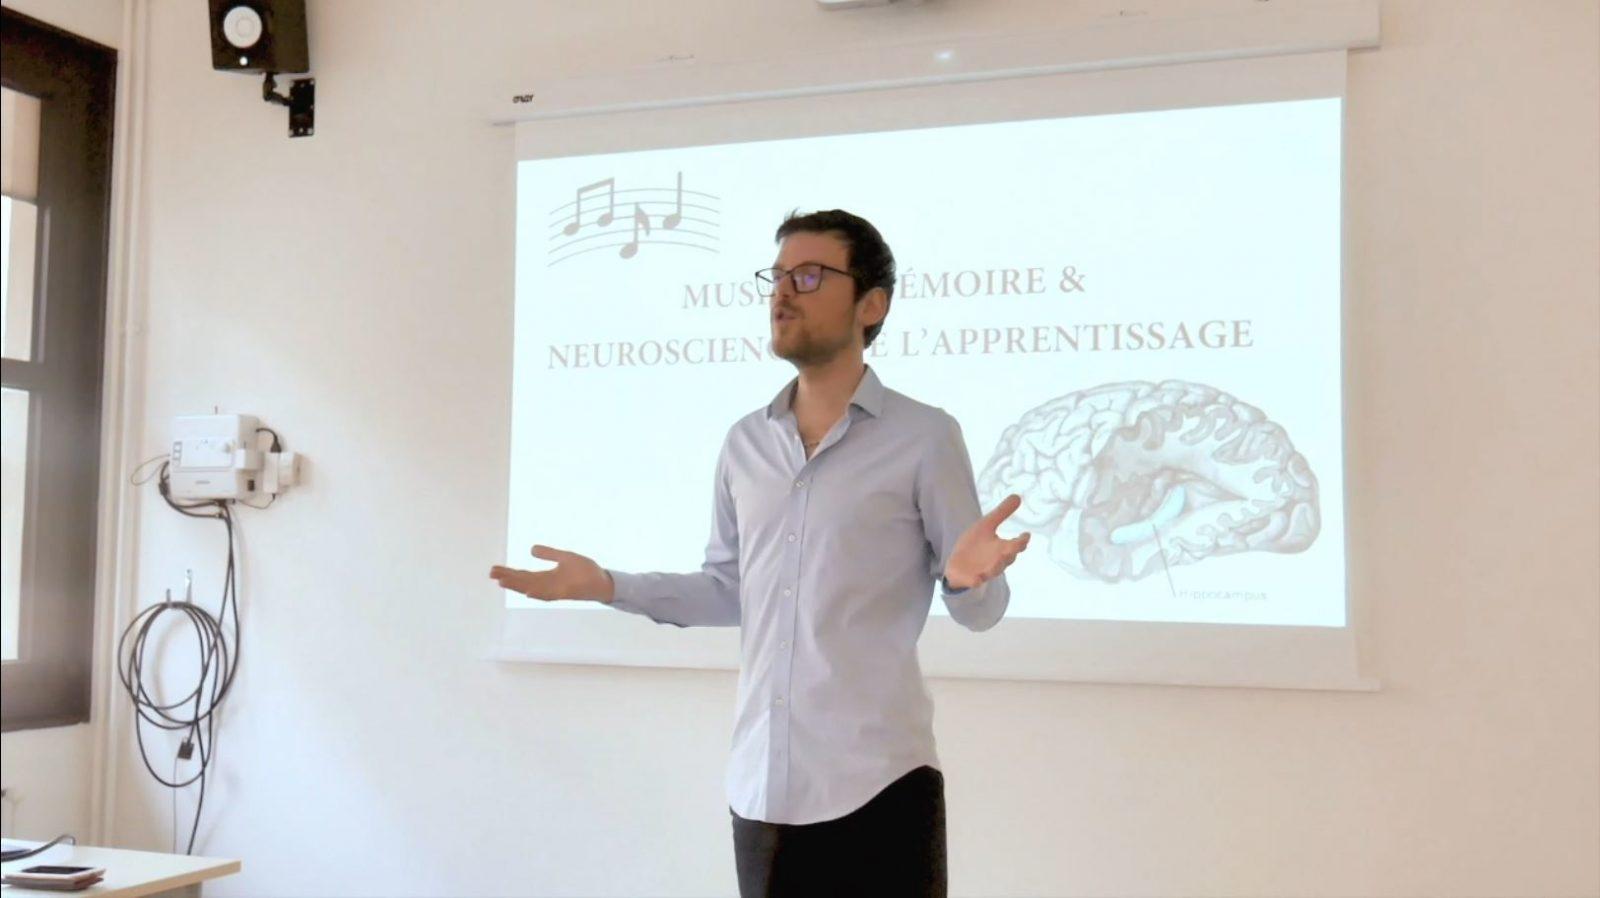 Roman Buchta conférence au conservatoire national supérieur de musique et de danse de Lyon